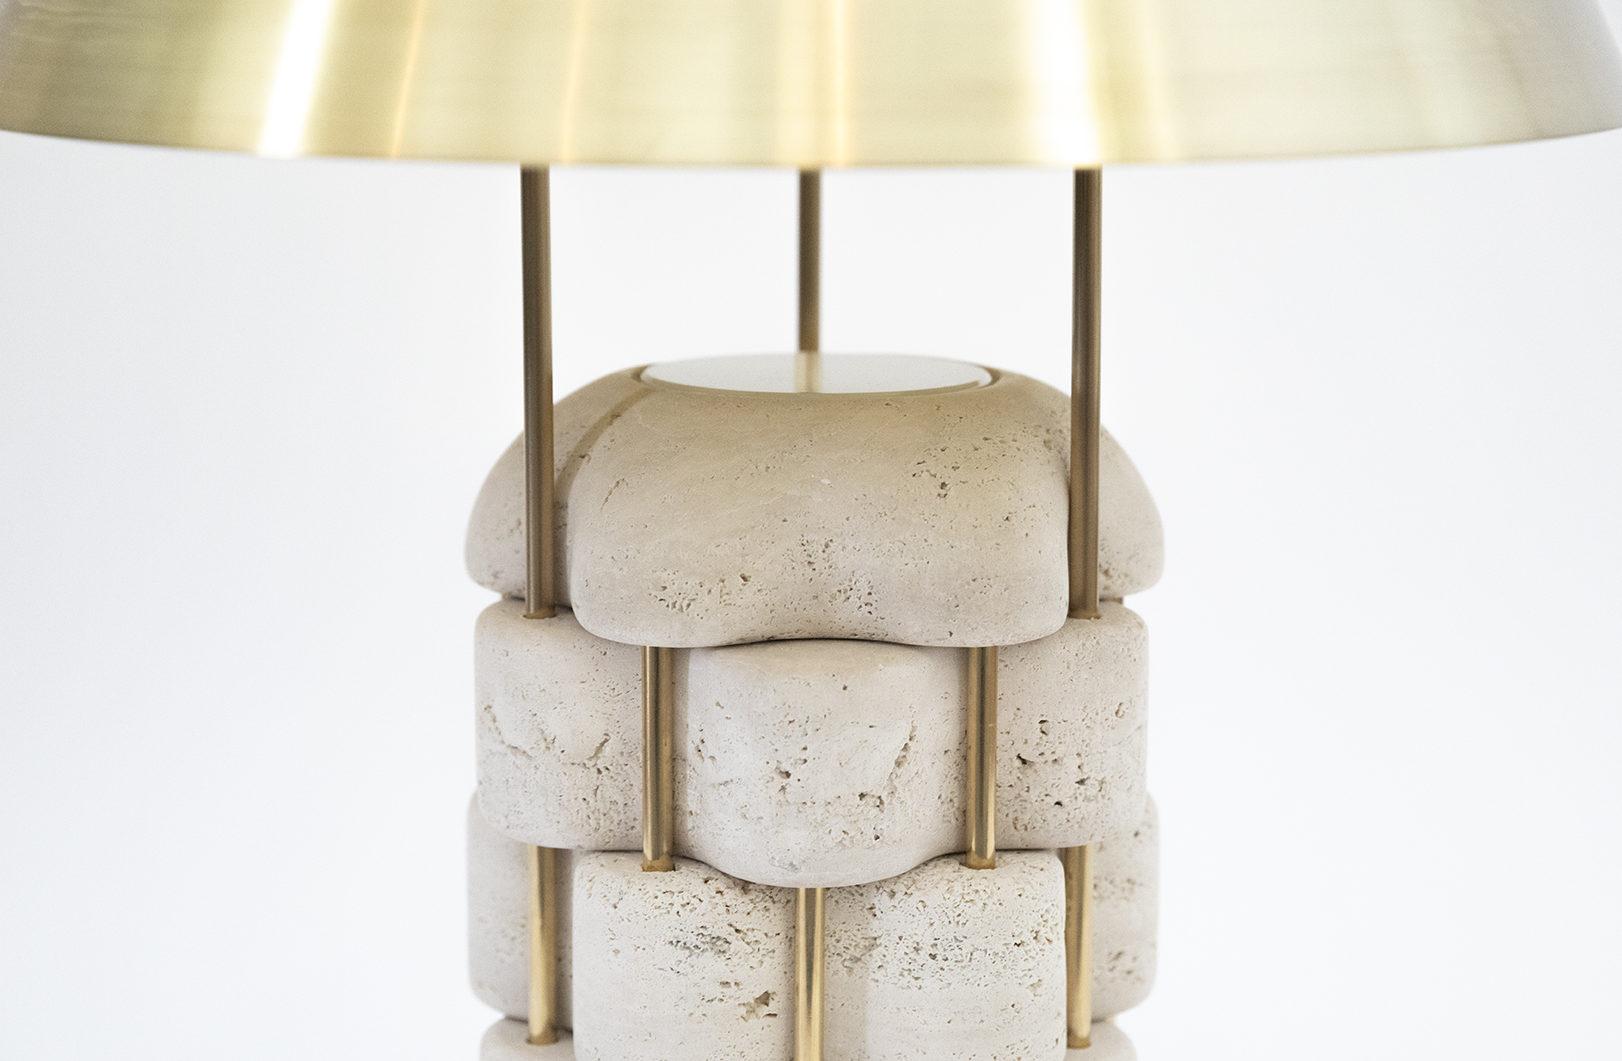 Horia Lampe Travertin Laiton France Italie Amoriae Design